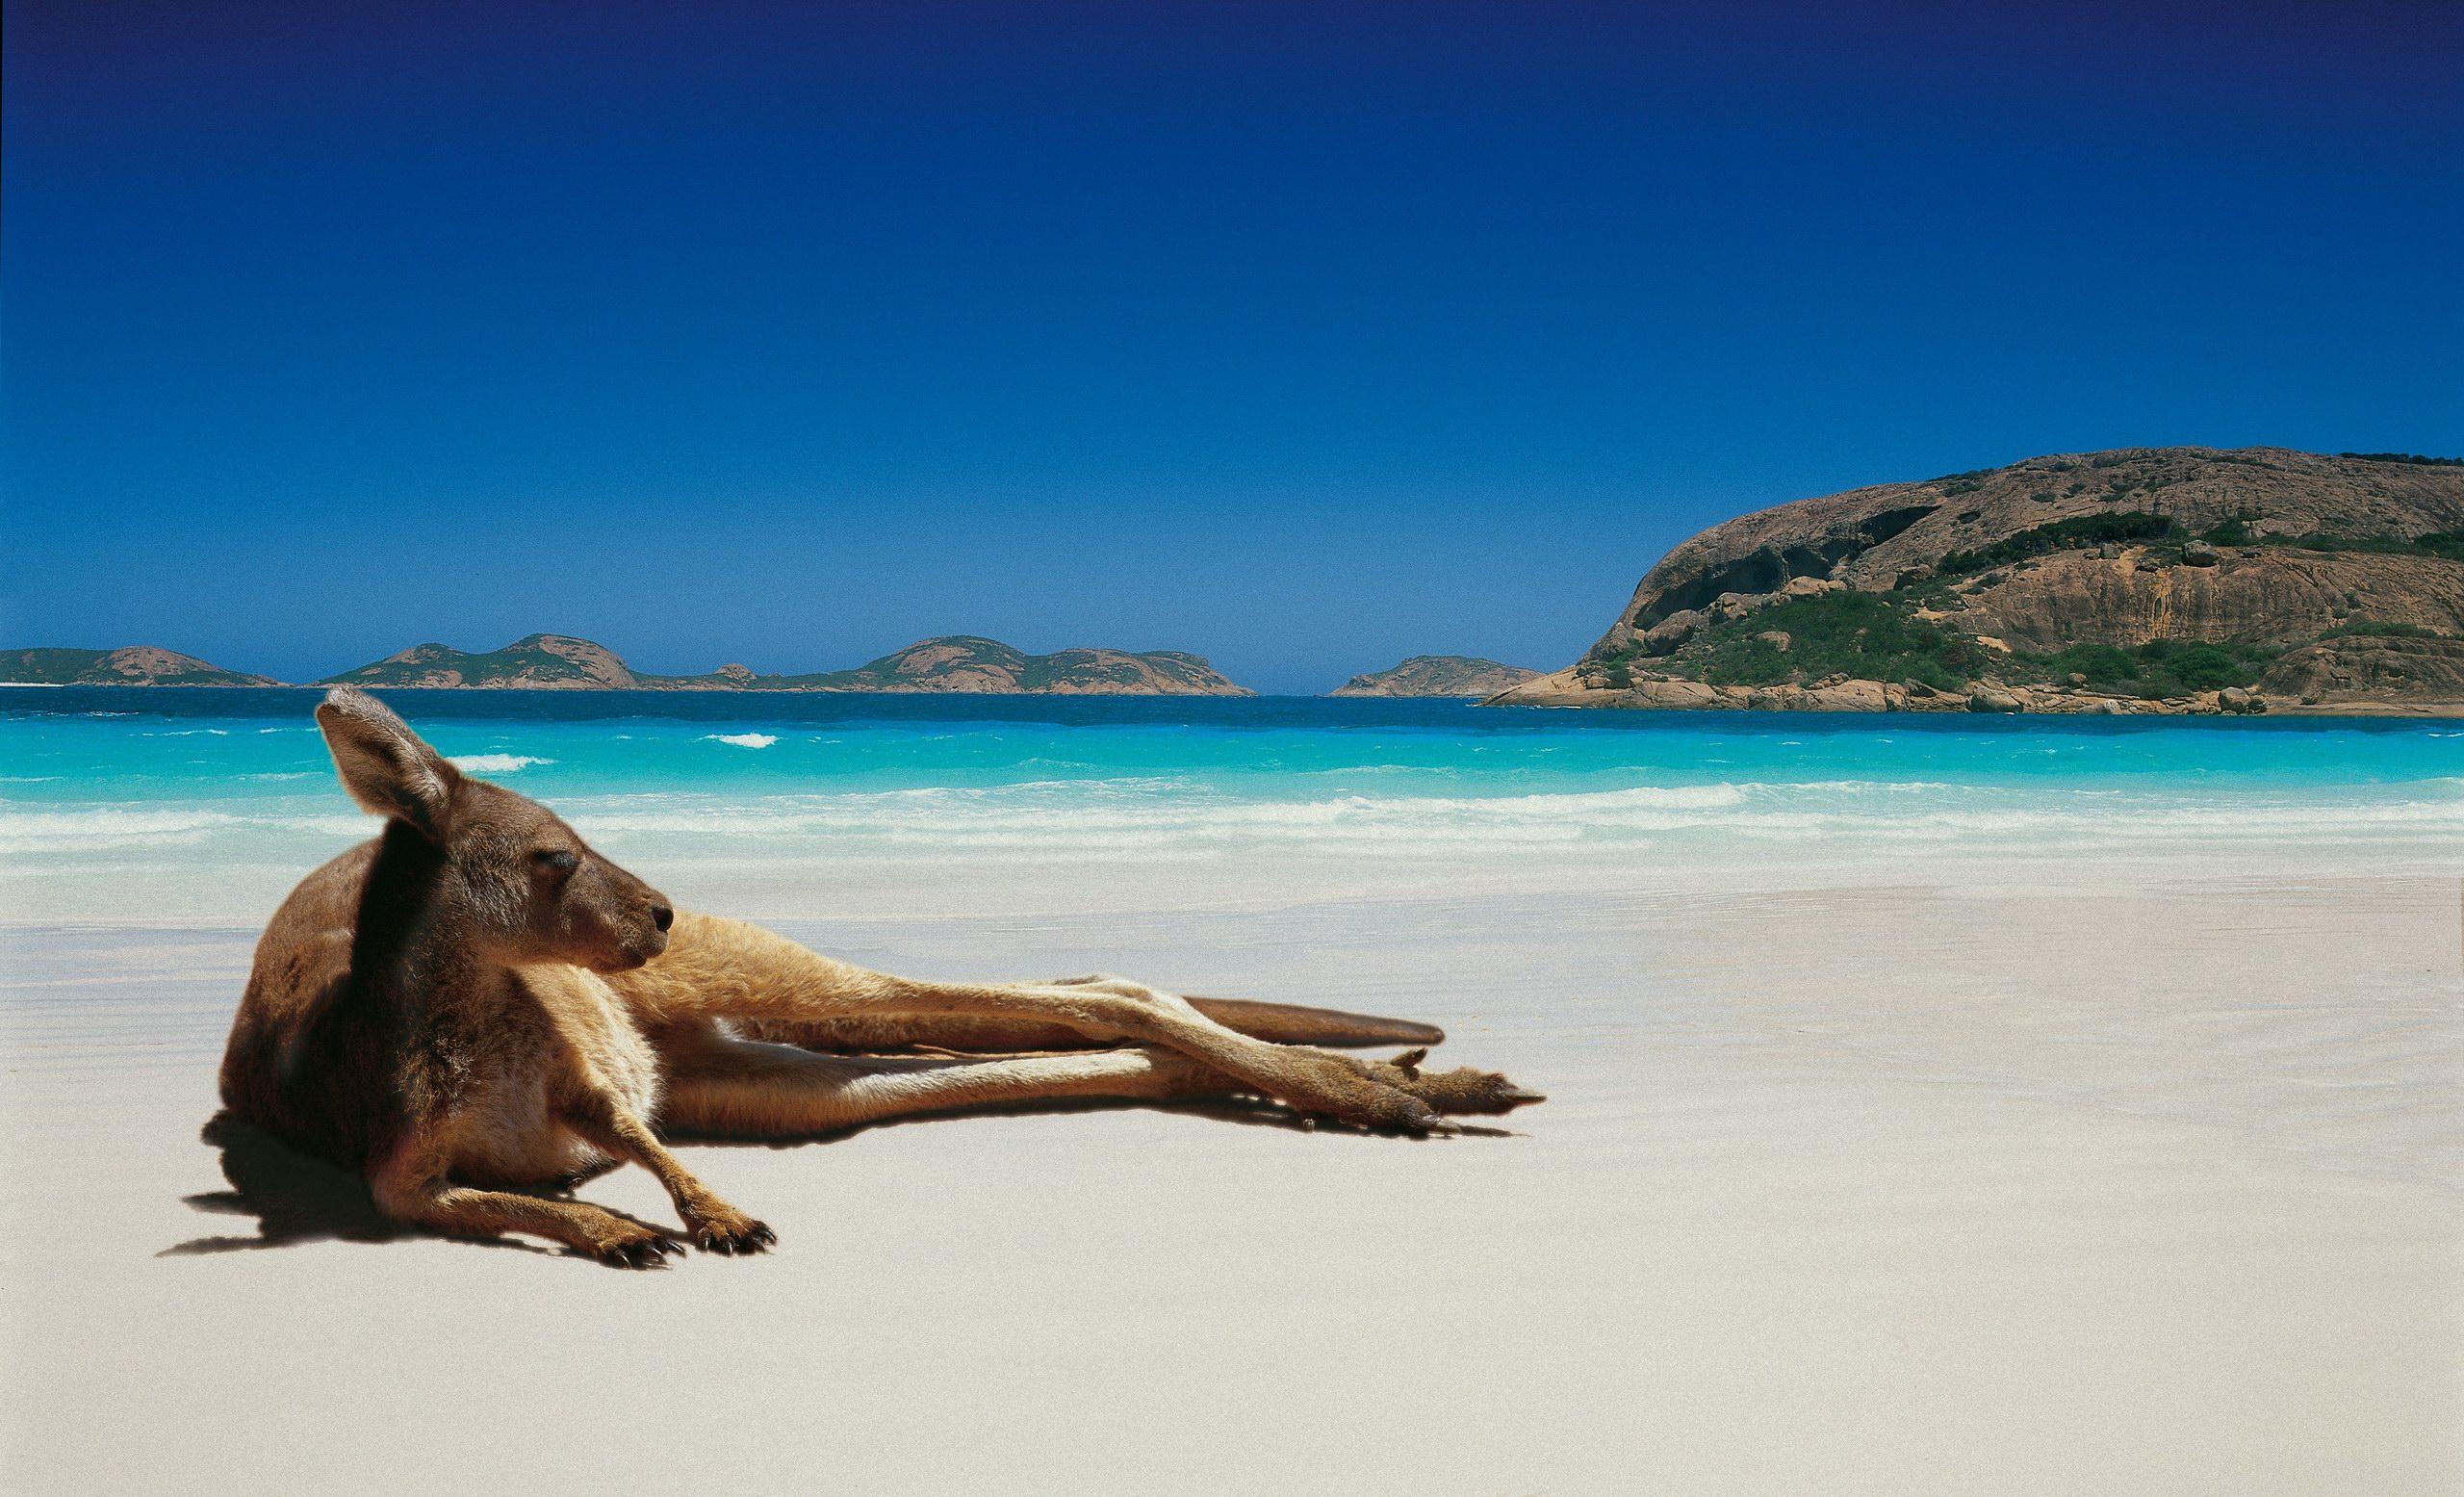 Австралия и Южен Пасифик или Океания